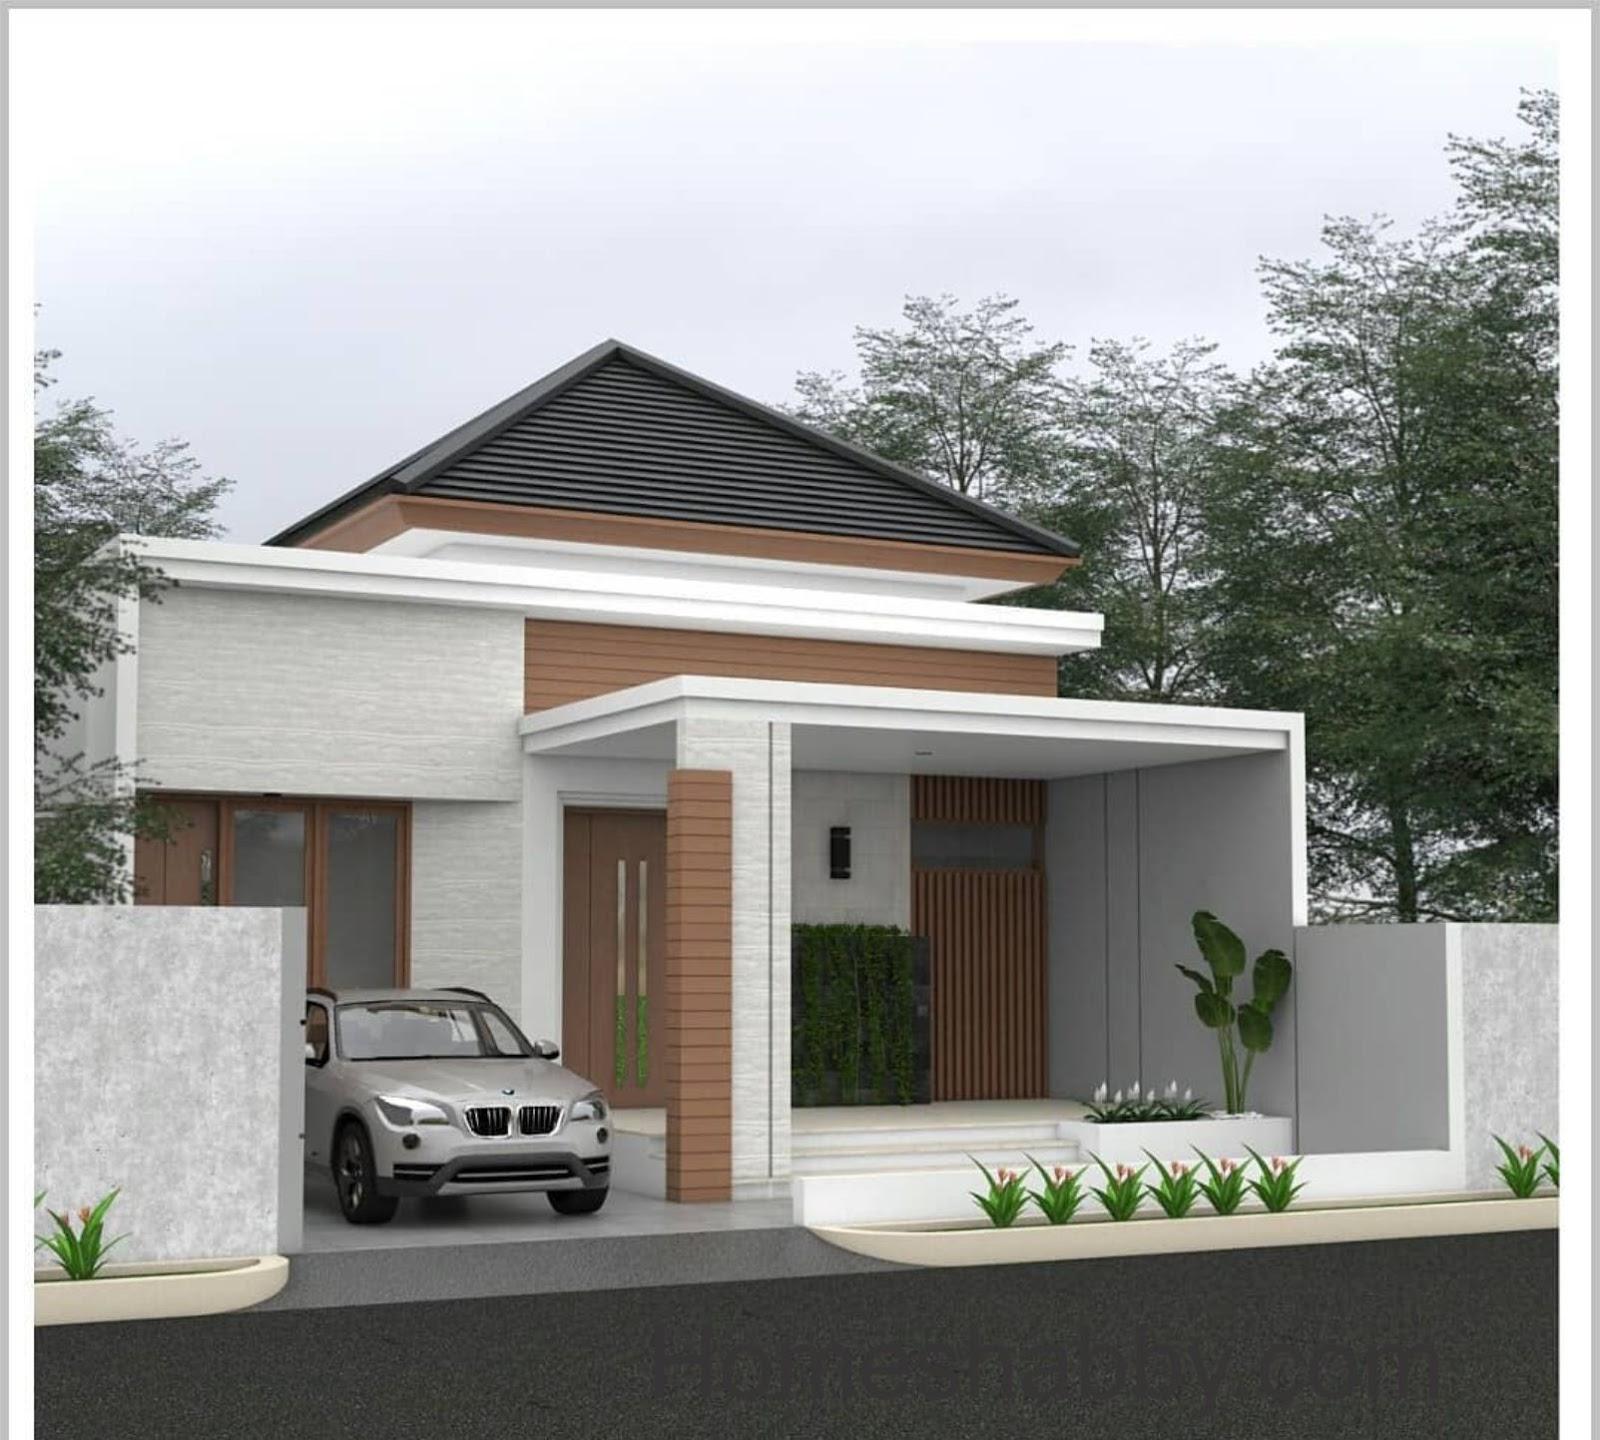 Desain Dan Denah Rumah Ukuran 9 X 22 8 M Konsep Minimalis Sederhana Dengan Taman Outdoor Di Samping Rumah Homeshabby Com Design Home Plans Home Decorating And Interior Design